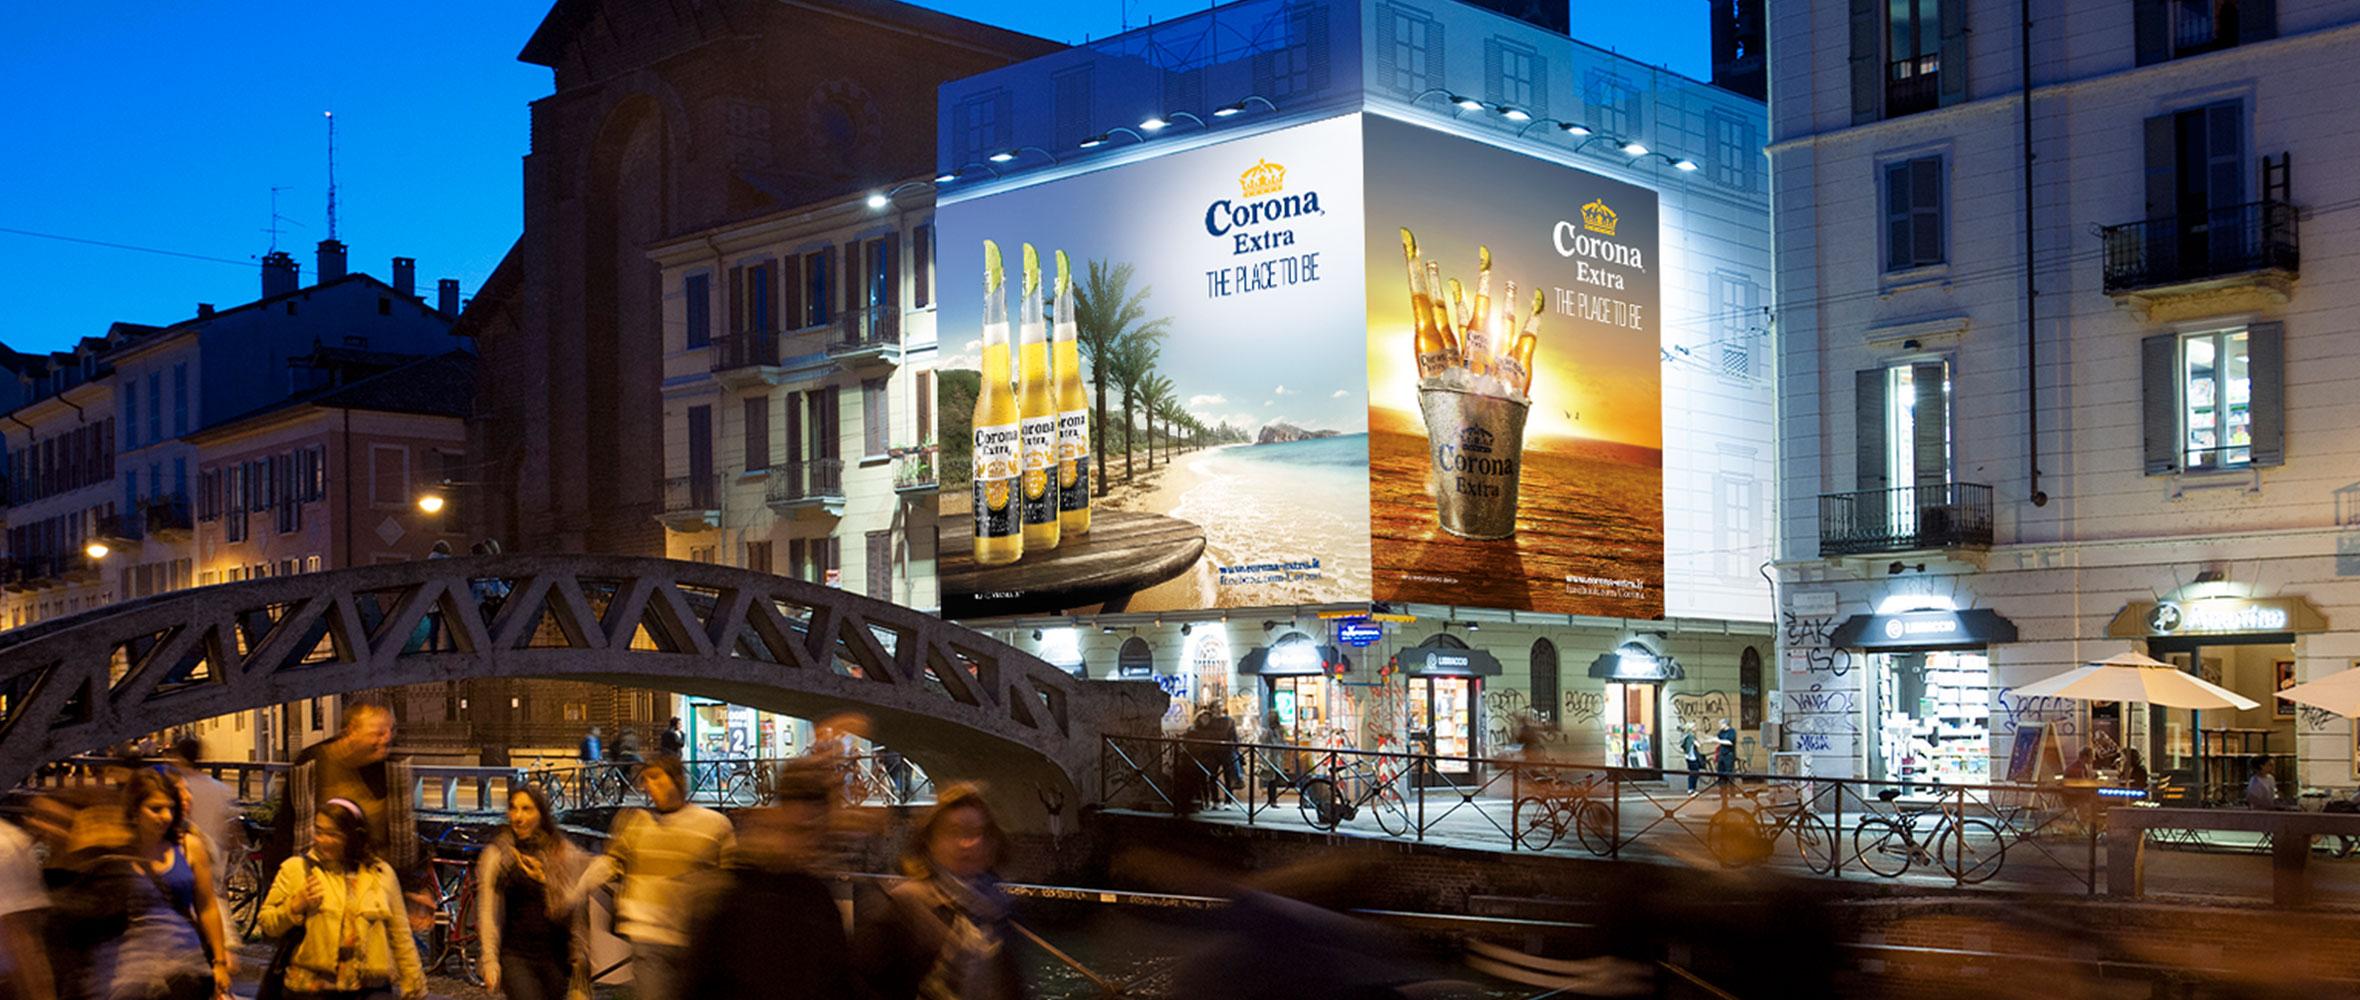 corona-navigli